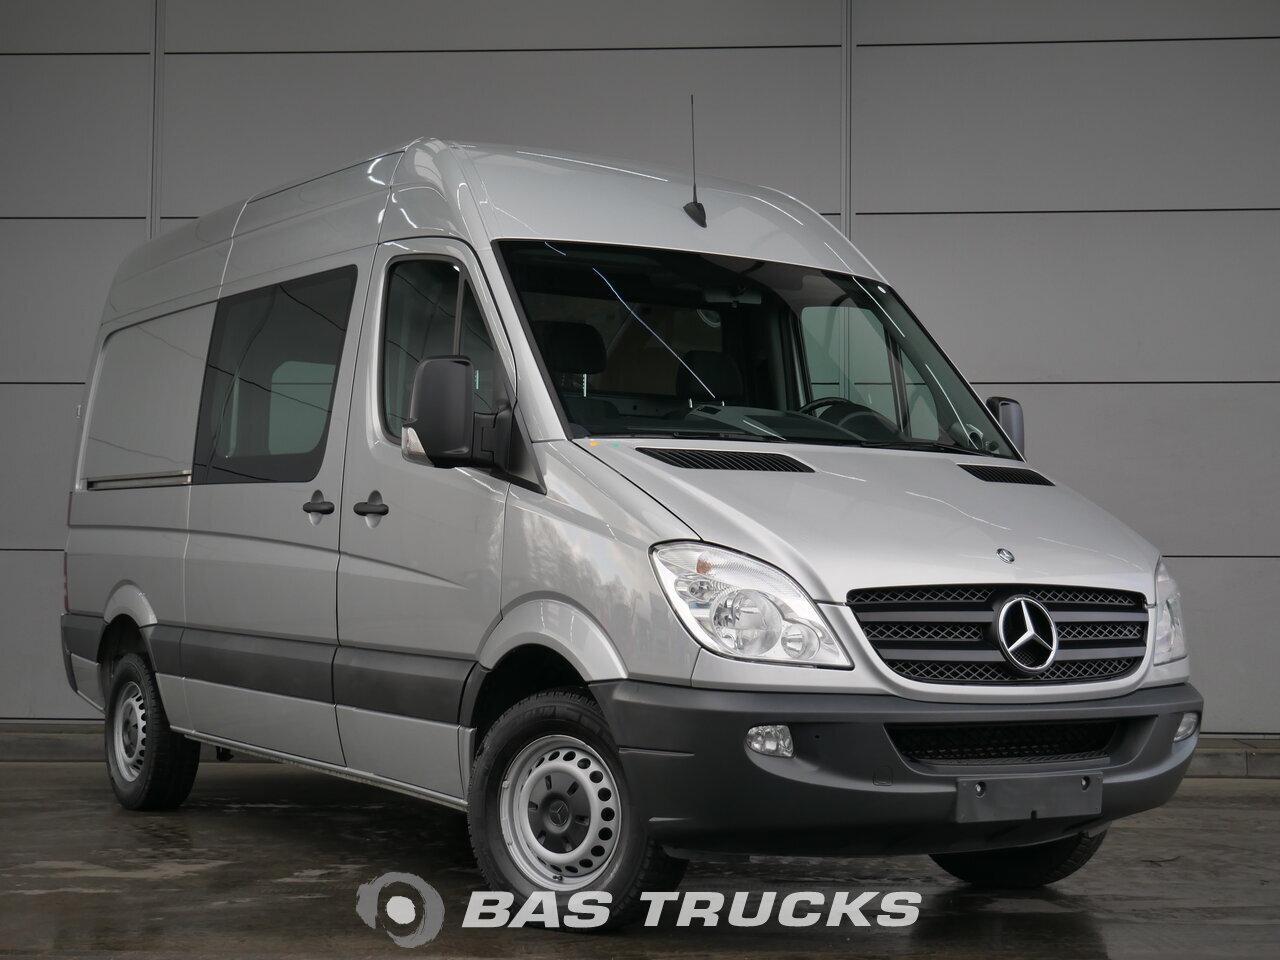 mercedes sprinter light commercial vehicle bas vans. Black Bedroom Furniture Sets. Home Design Ideas